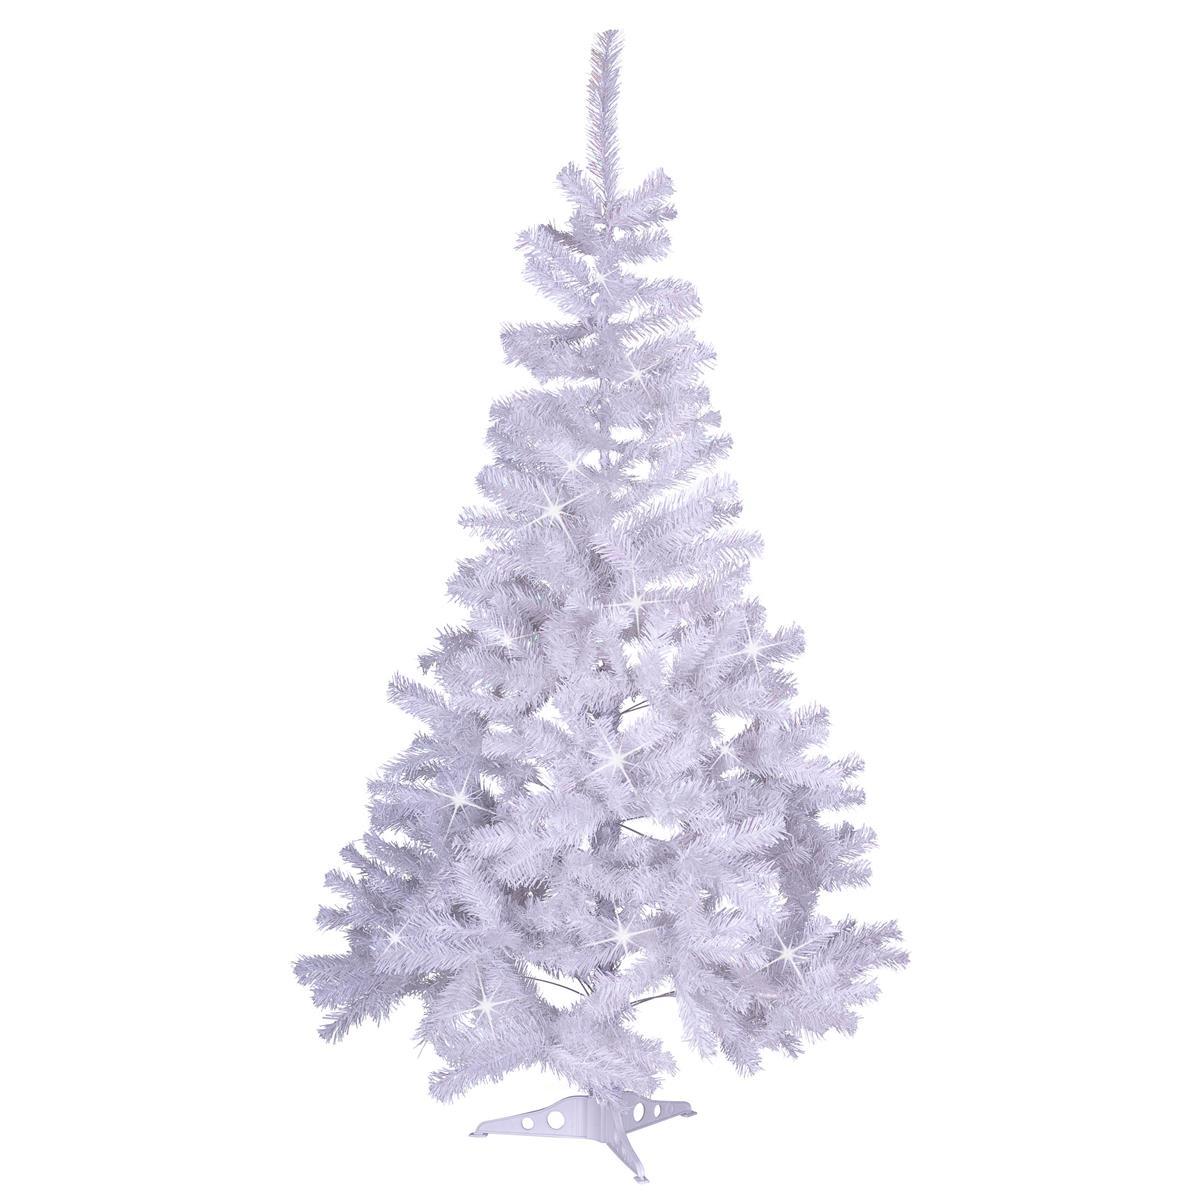 """Weihnachtsbaum """"weiß"""" mit Glitzereffekt - 150 cm Christbaum mit Ständer X-Mas"""